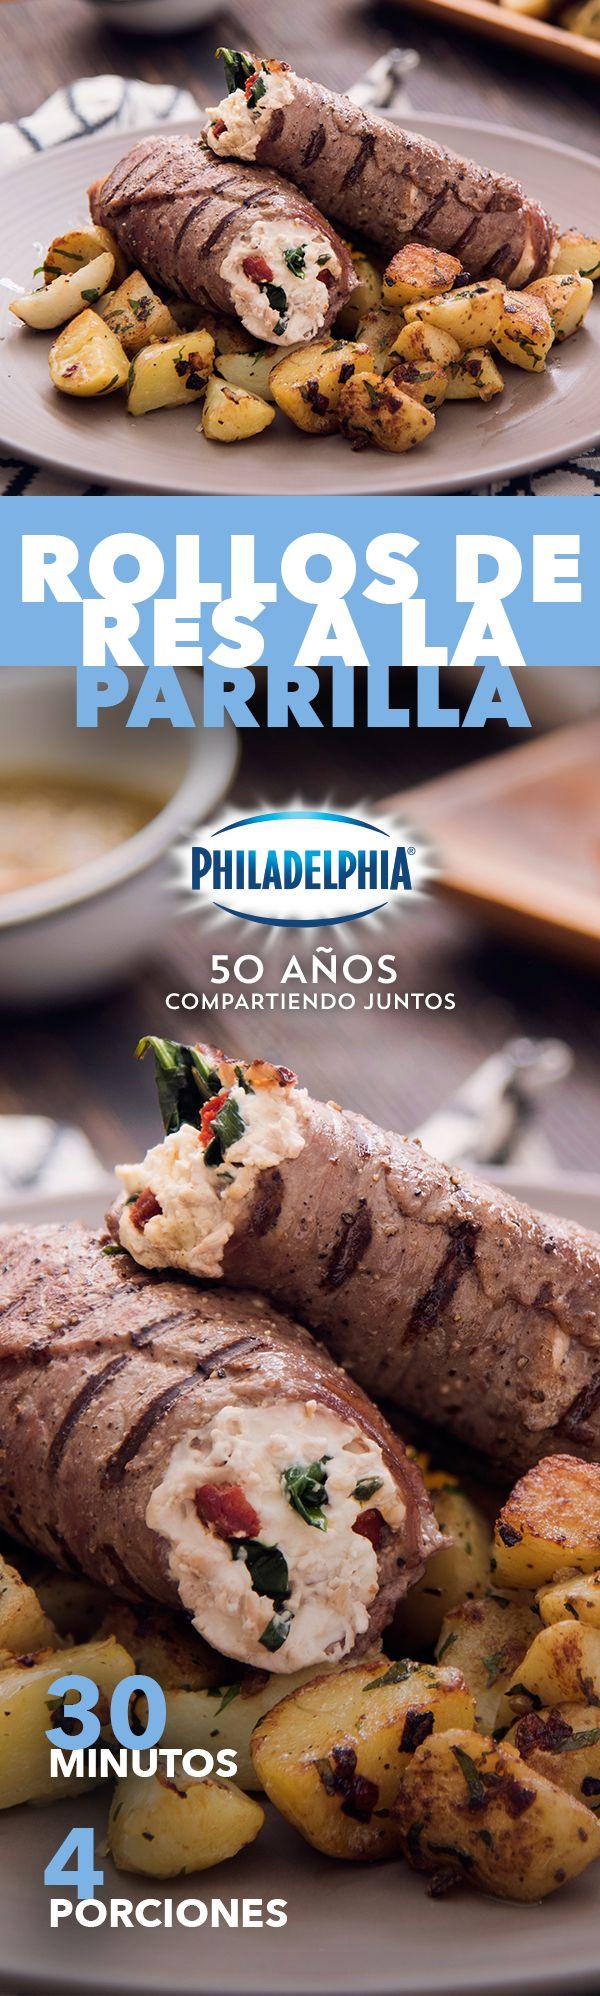 Sabemos que te encanta probar nuevos sabores con Philadelphia. Disfruta estos Rollos de res a la parrilla. #ConocerteEsDelicioso.   #recetas #receta #quesophiladelphia #philadelphia #quesocrema #queso #comida #cocinar #cocinamexicana #recetasfáciles #recetasPhiladelphia #recetasdecocina #comer #carne #res #carnederes #papas #recetascarne #recetascomida